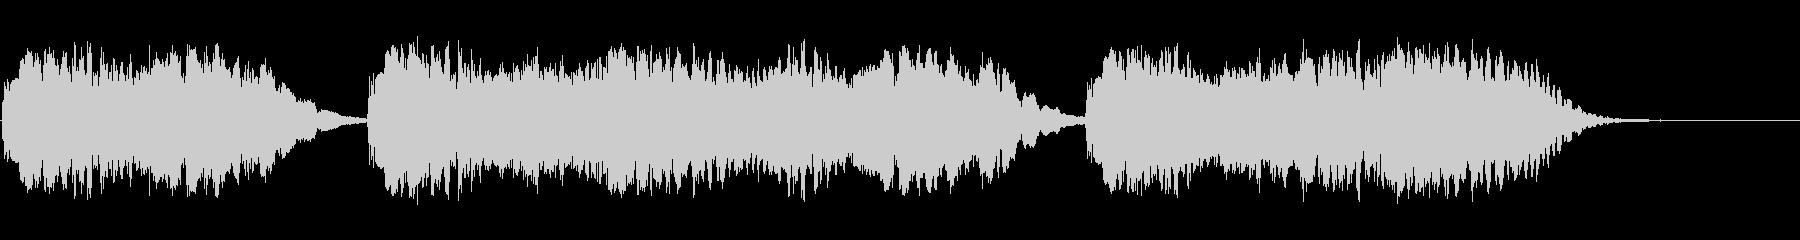 背景音 懐古の未再生の波形